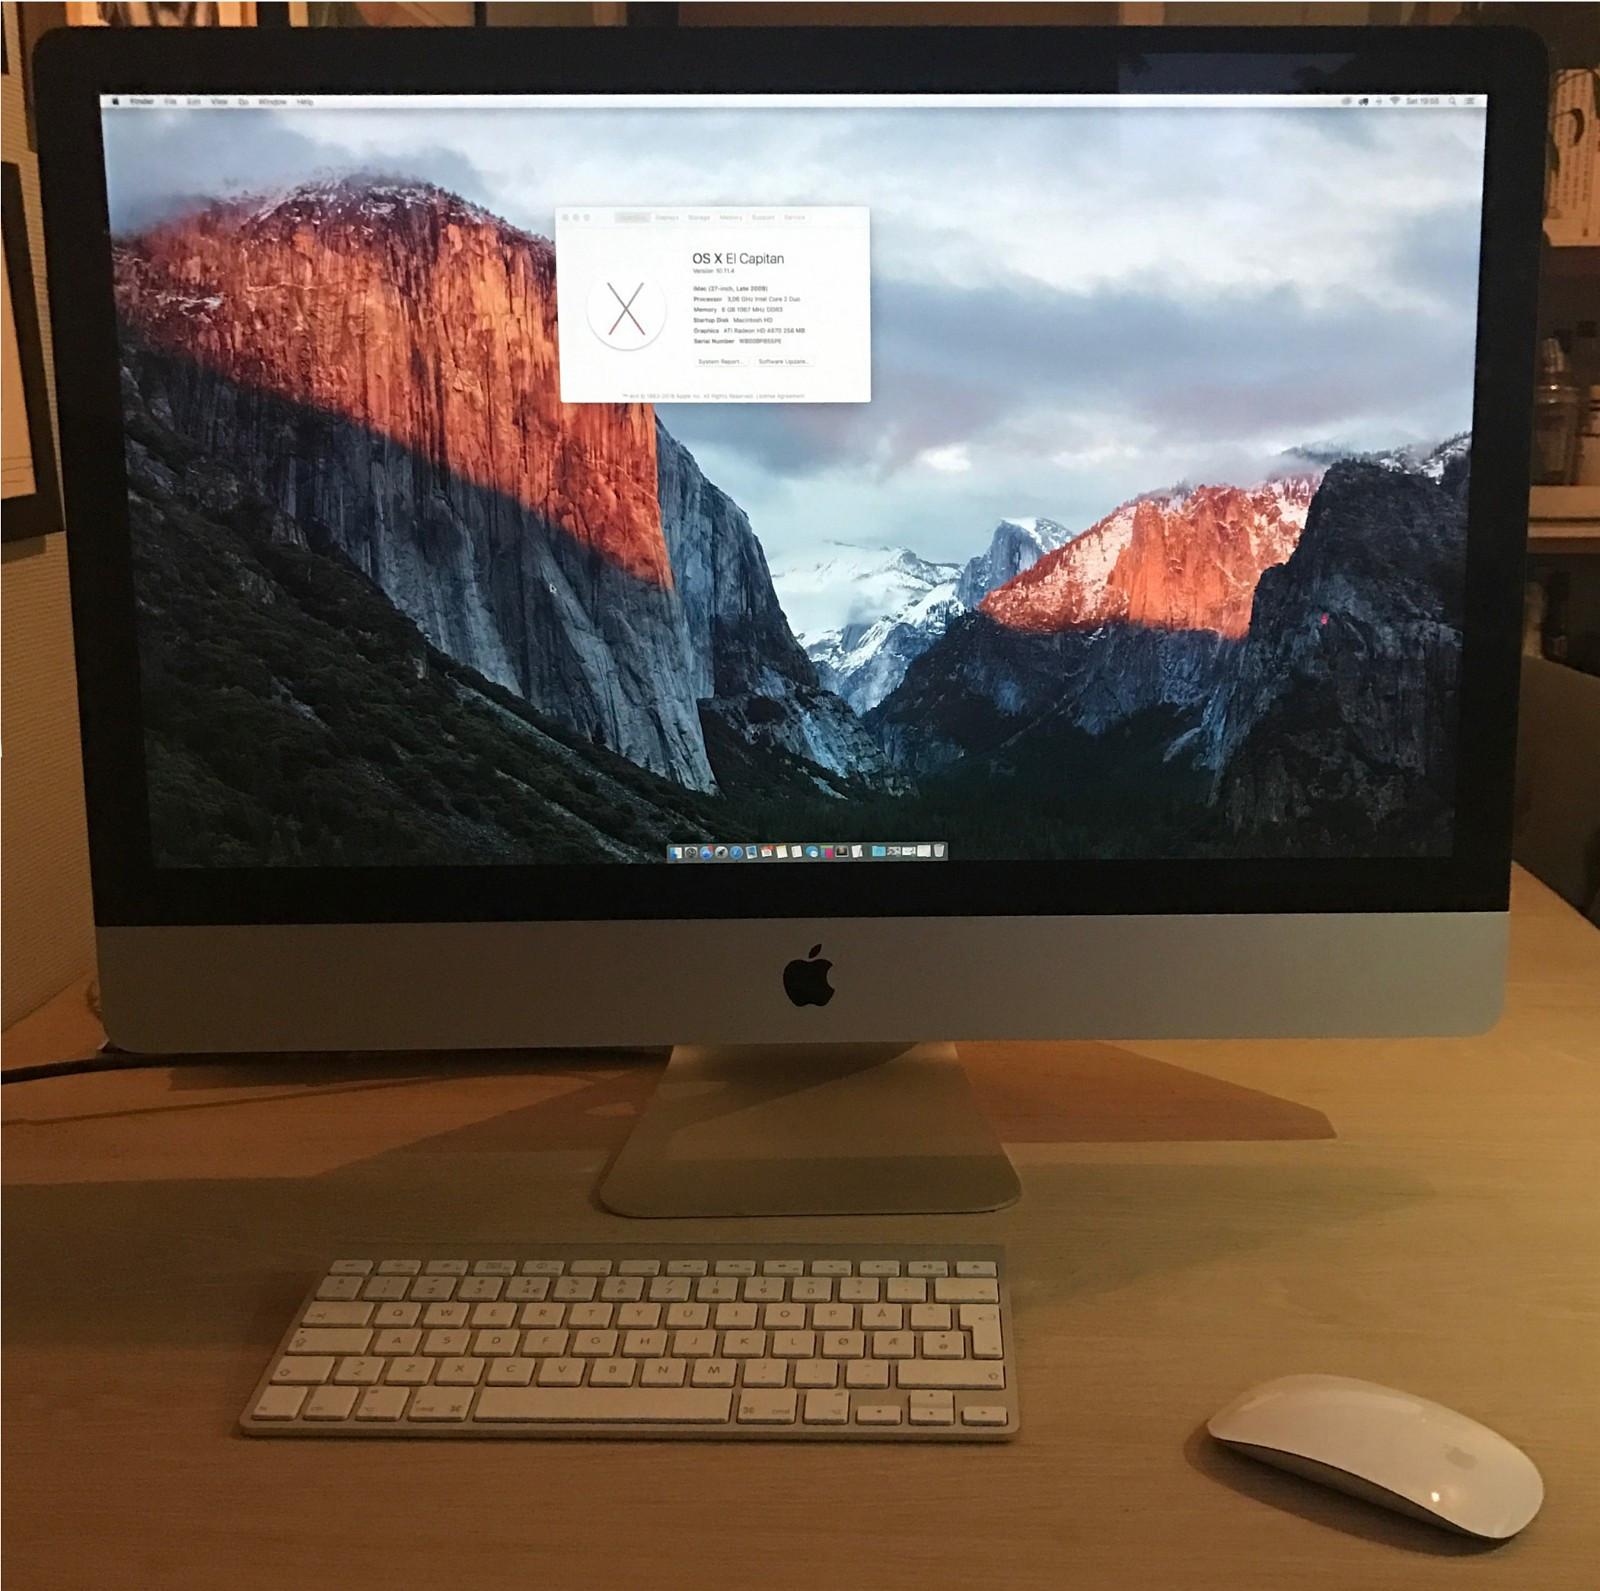 """27"""" iMac sen 2009, 1TB HD, 8GB ram. - Trondheim  - 27"""" iMac sen 2009, 1TB HD, 8GB ram.  Selger min 27"""" mac med trådløst tastatur og mus.  Aldri hatt problemer med dataen.  Originalemballasje medfølger.  Må hentes i Trondheim. - Trondheim"""